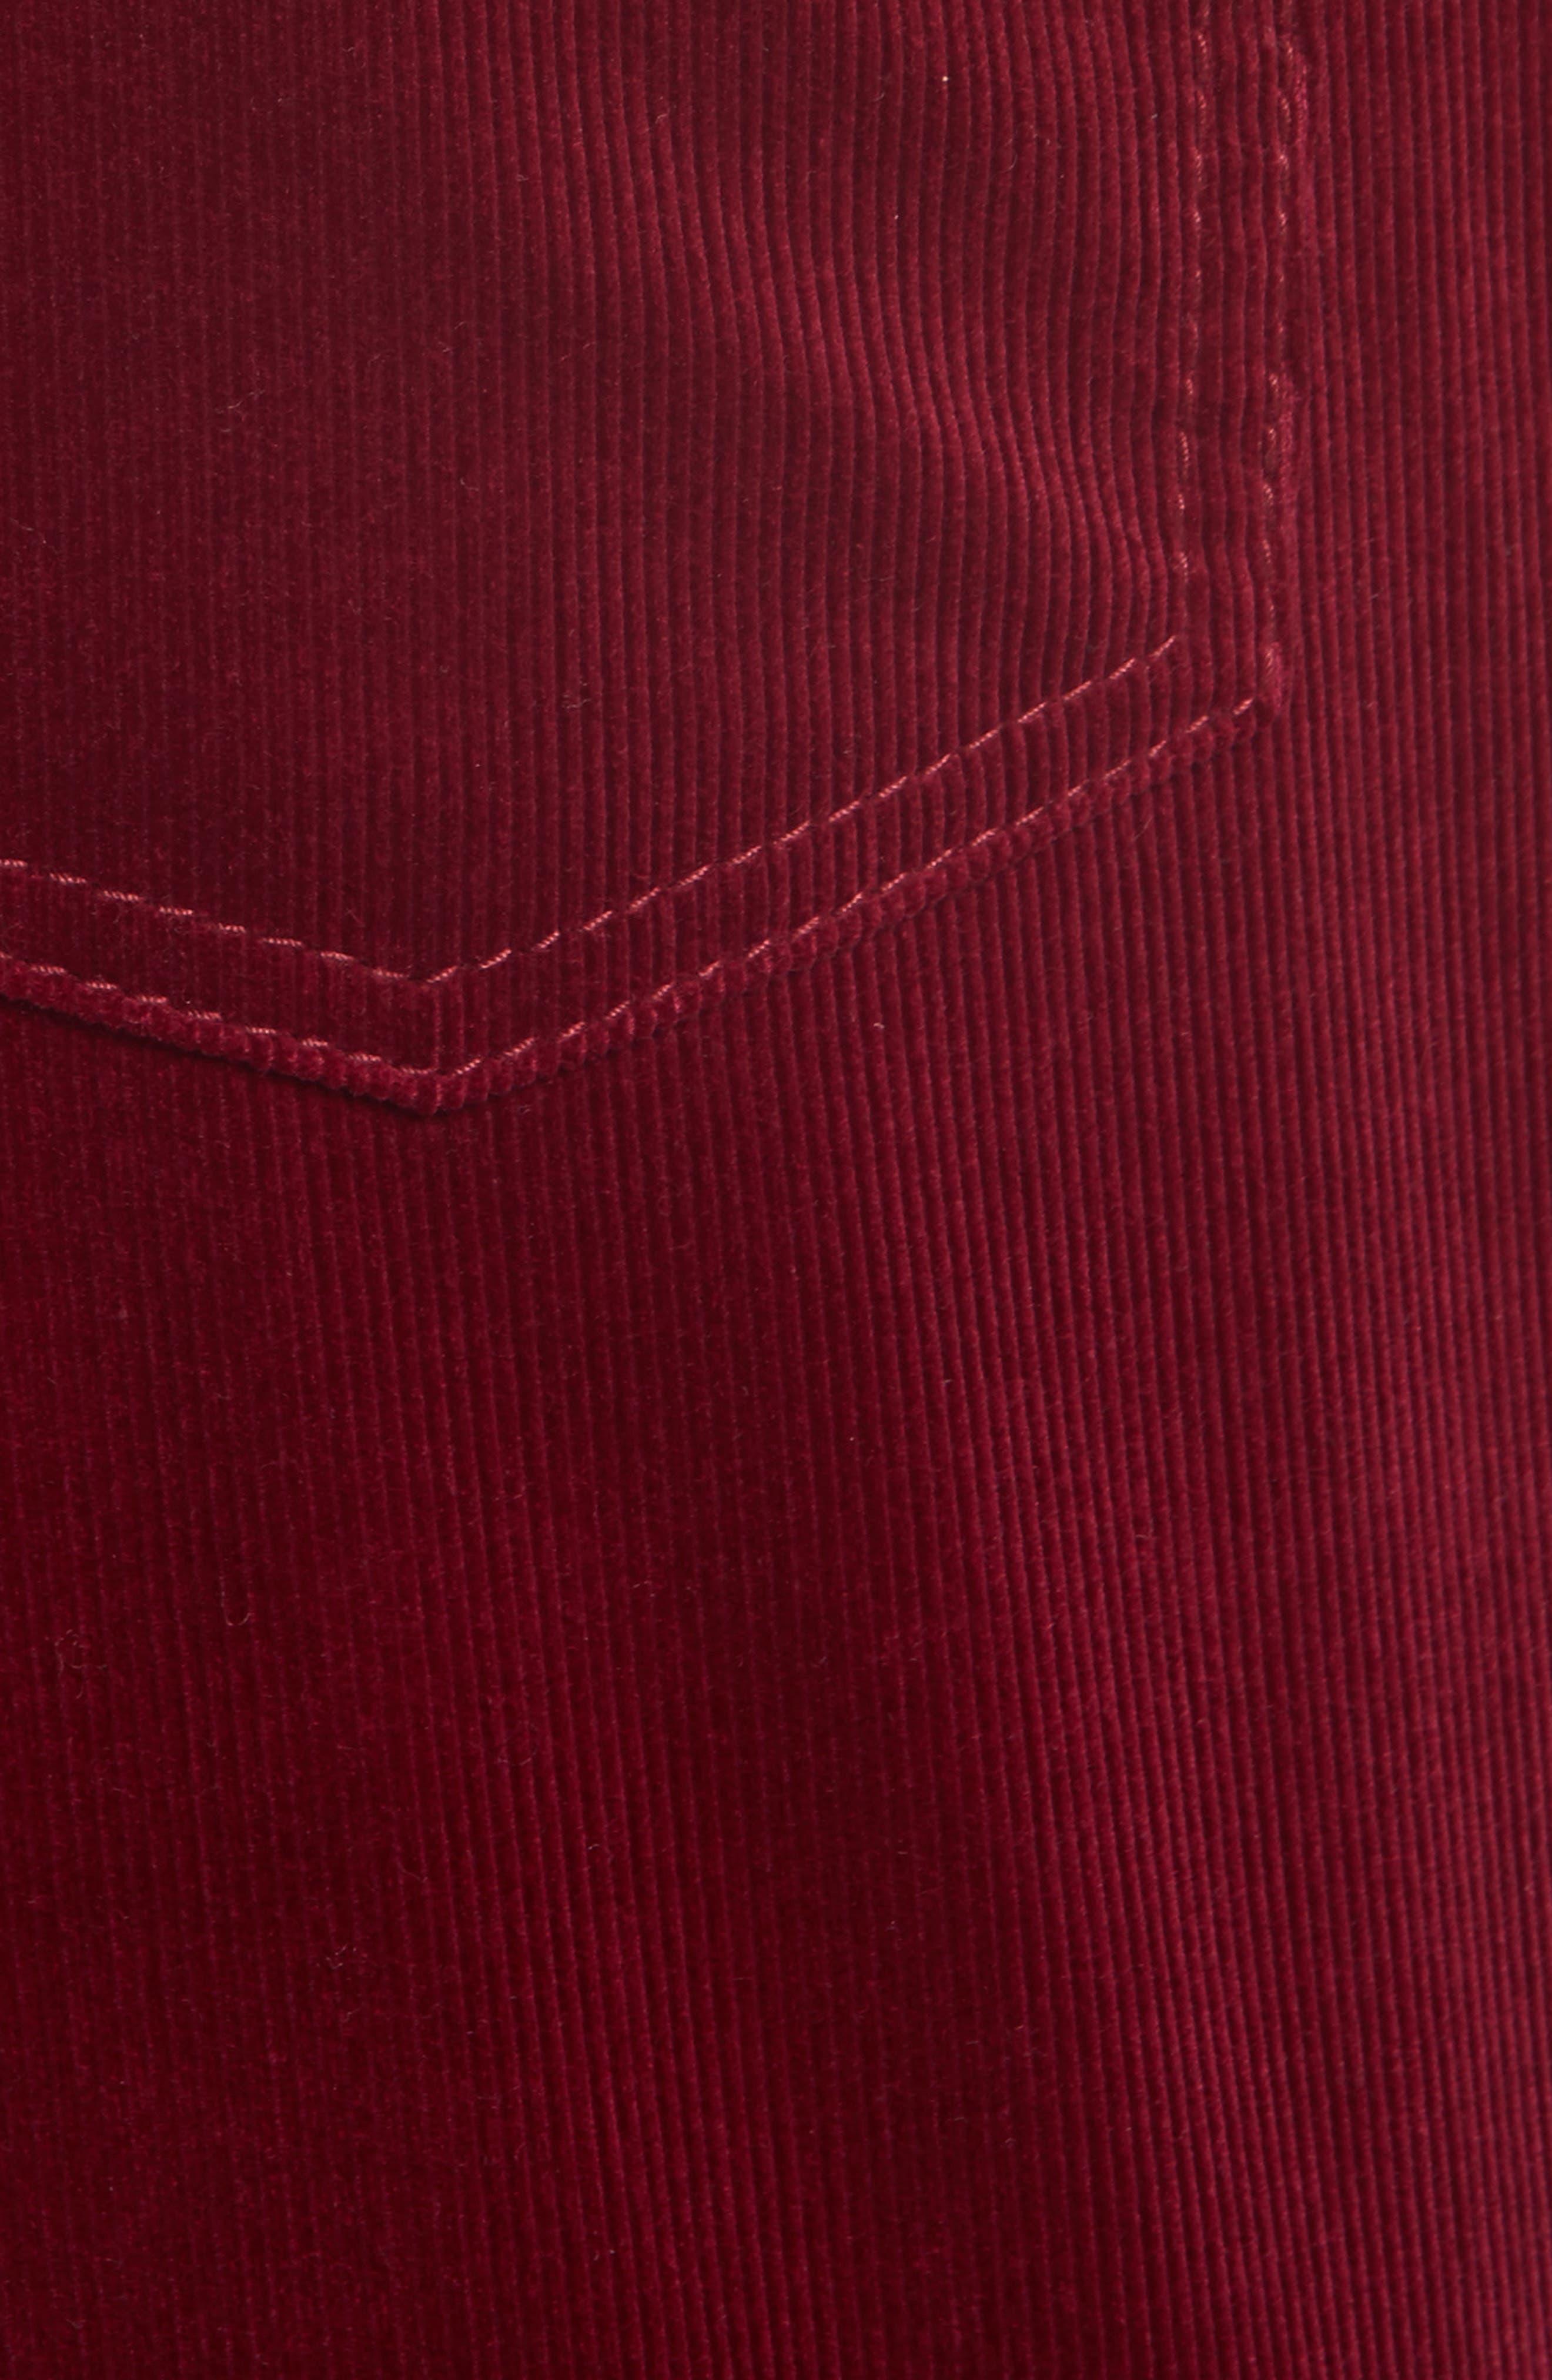 Crop Flare Corduroy Pants,                             Alternate thumbnail 5, color,                             930